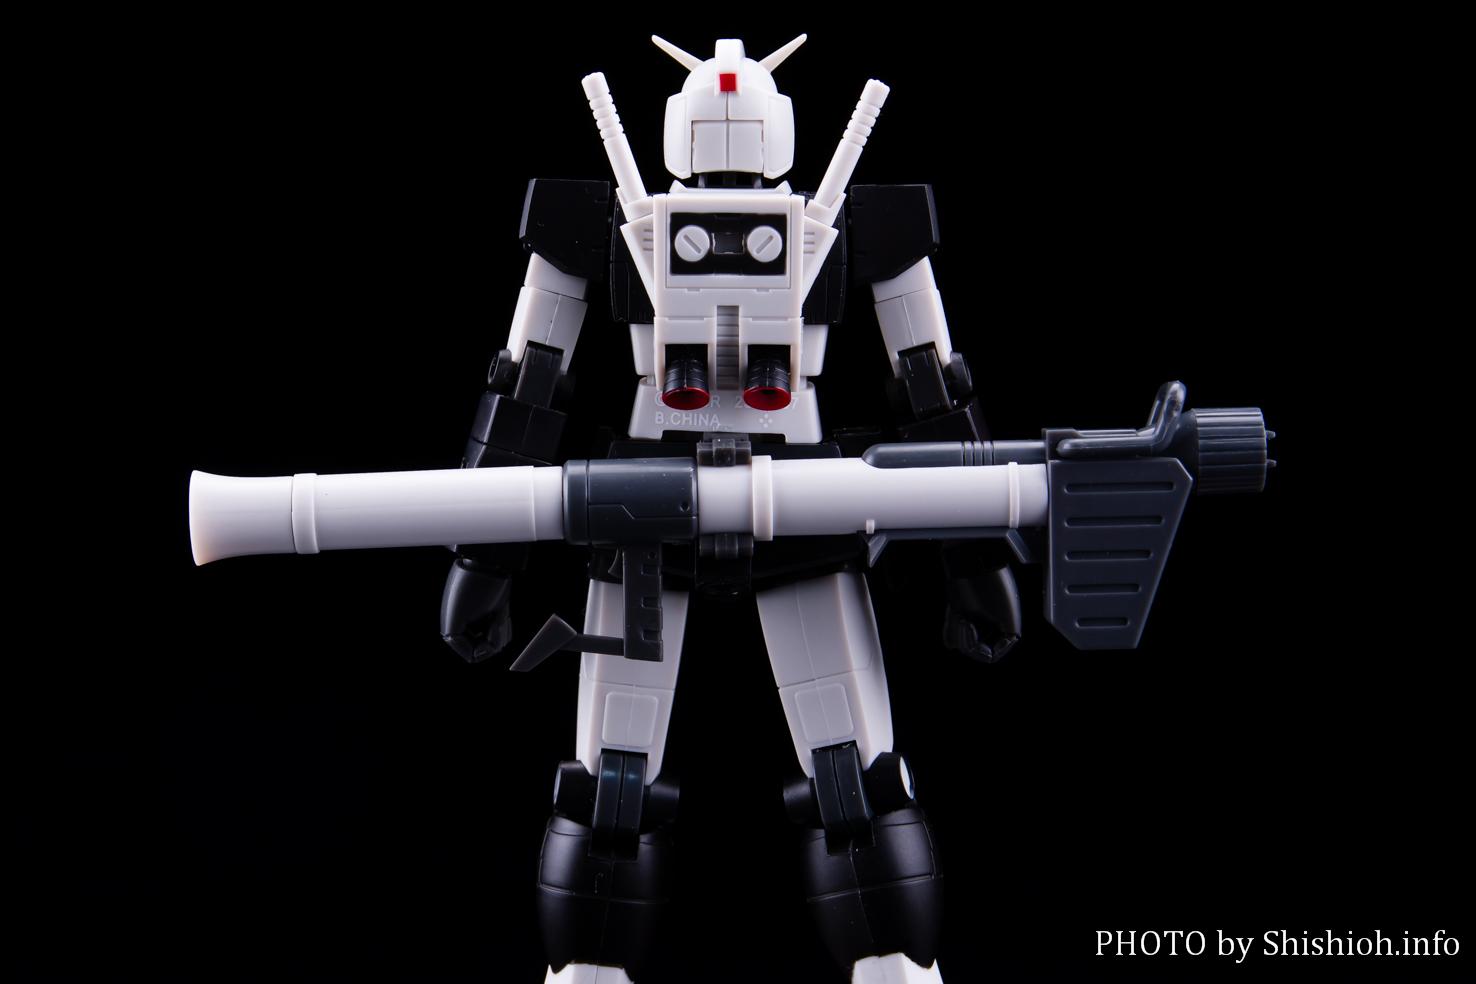 ROBOT魂プロトタイプガンダム ver. A.N.I.M.E.